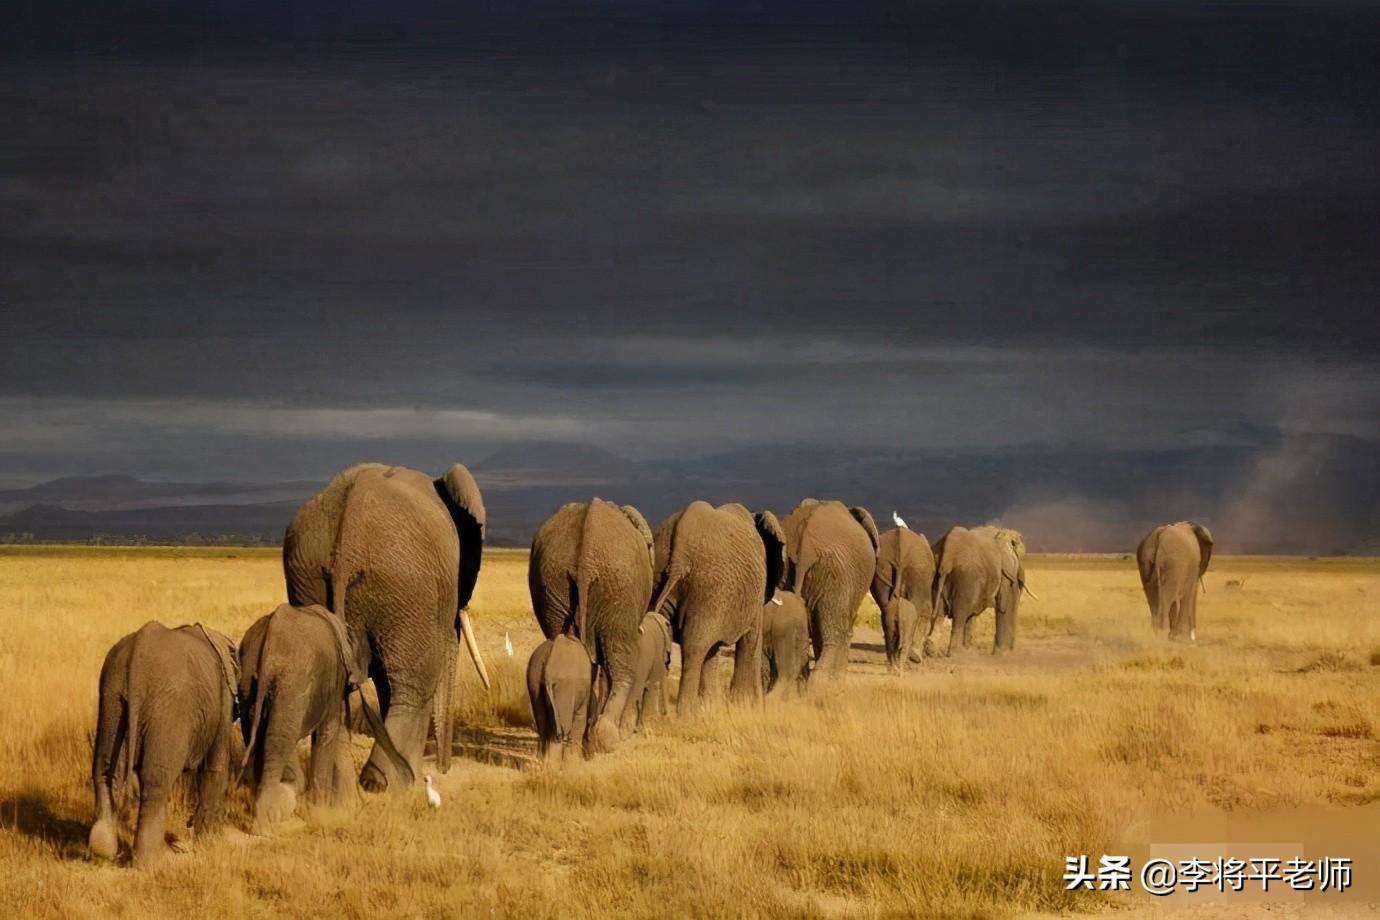 云南大象为何集体迁徙,这背后也许是人和大象的双重无奈